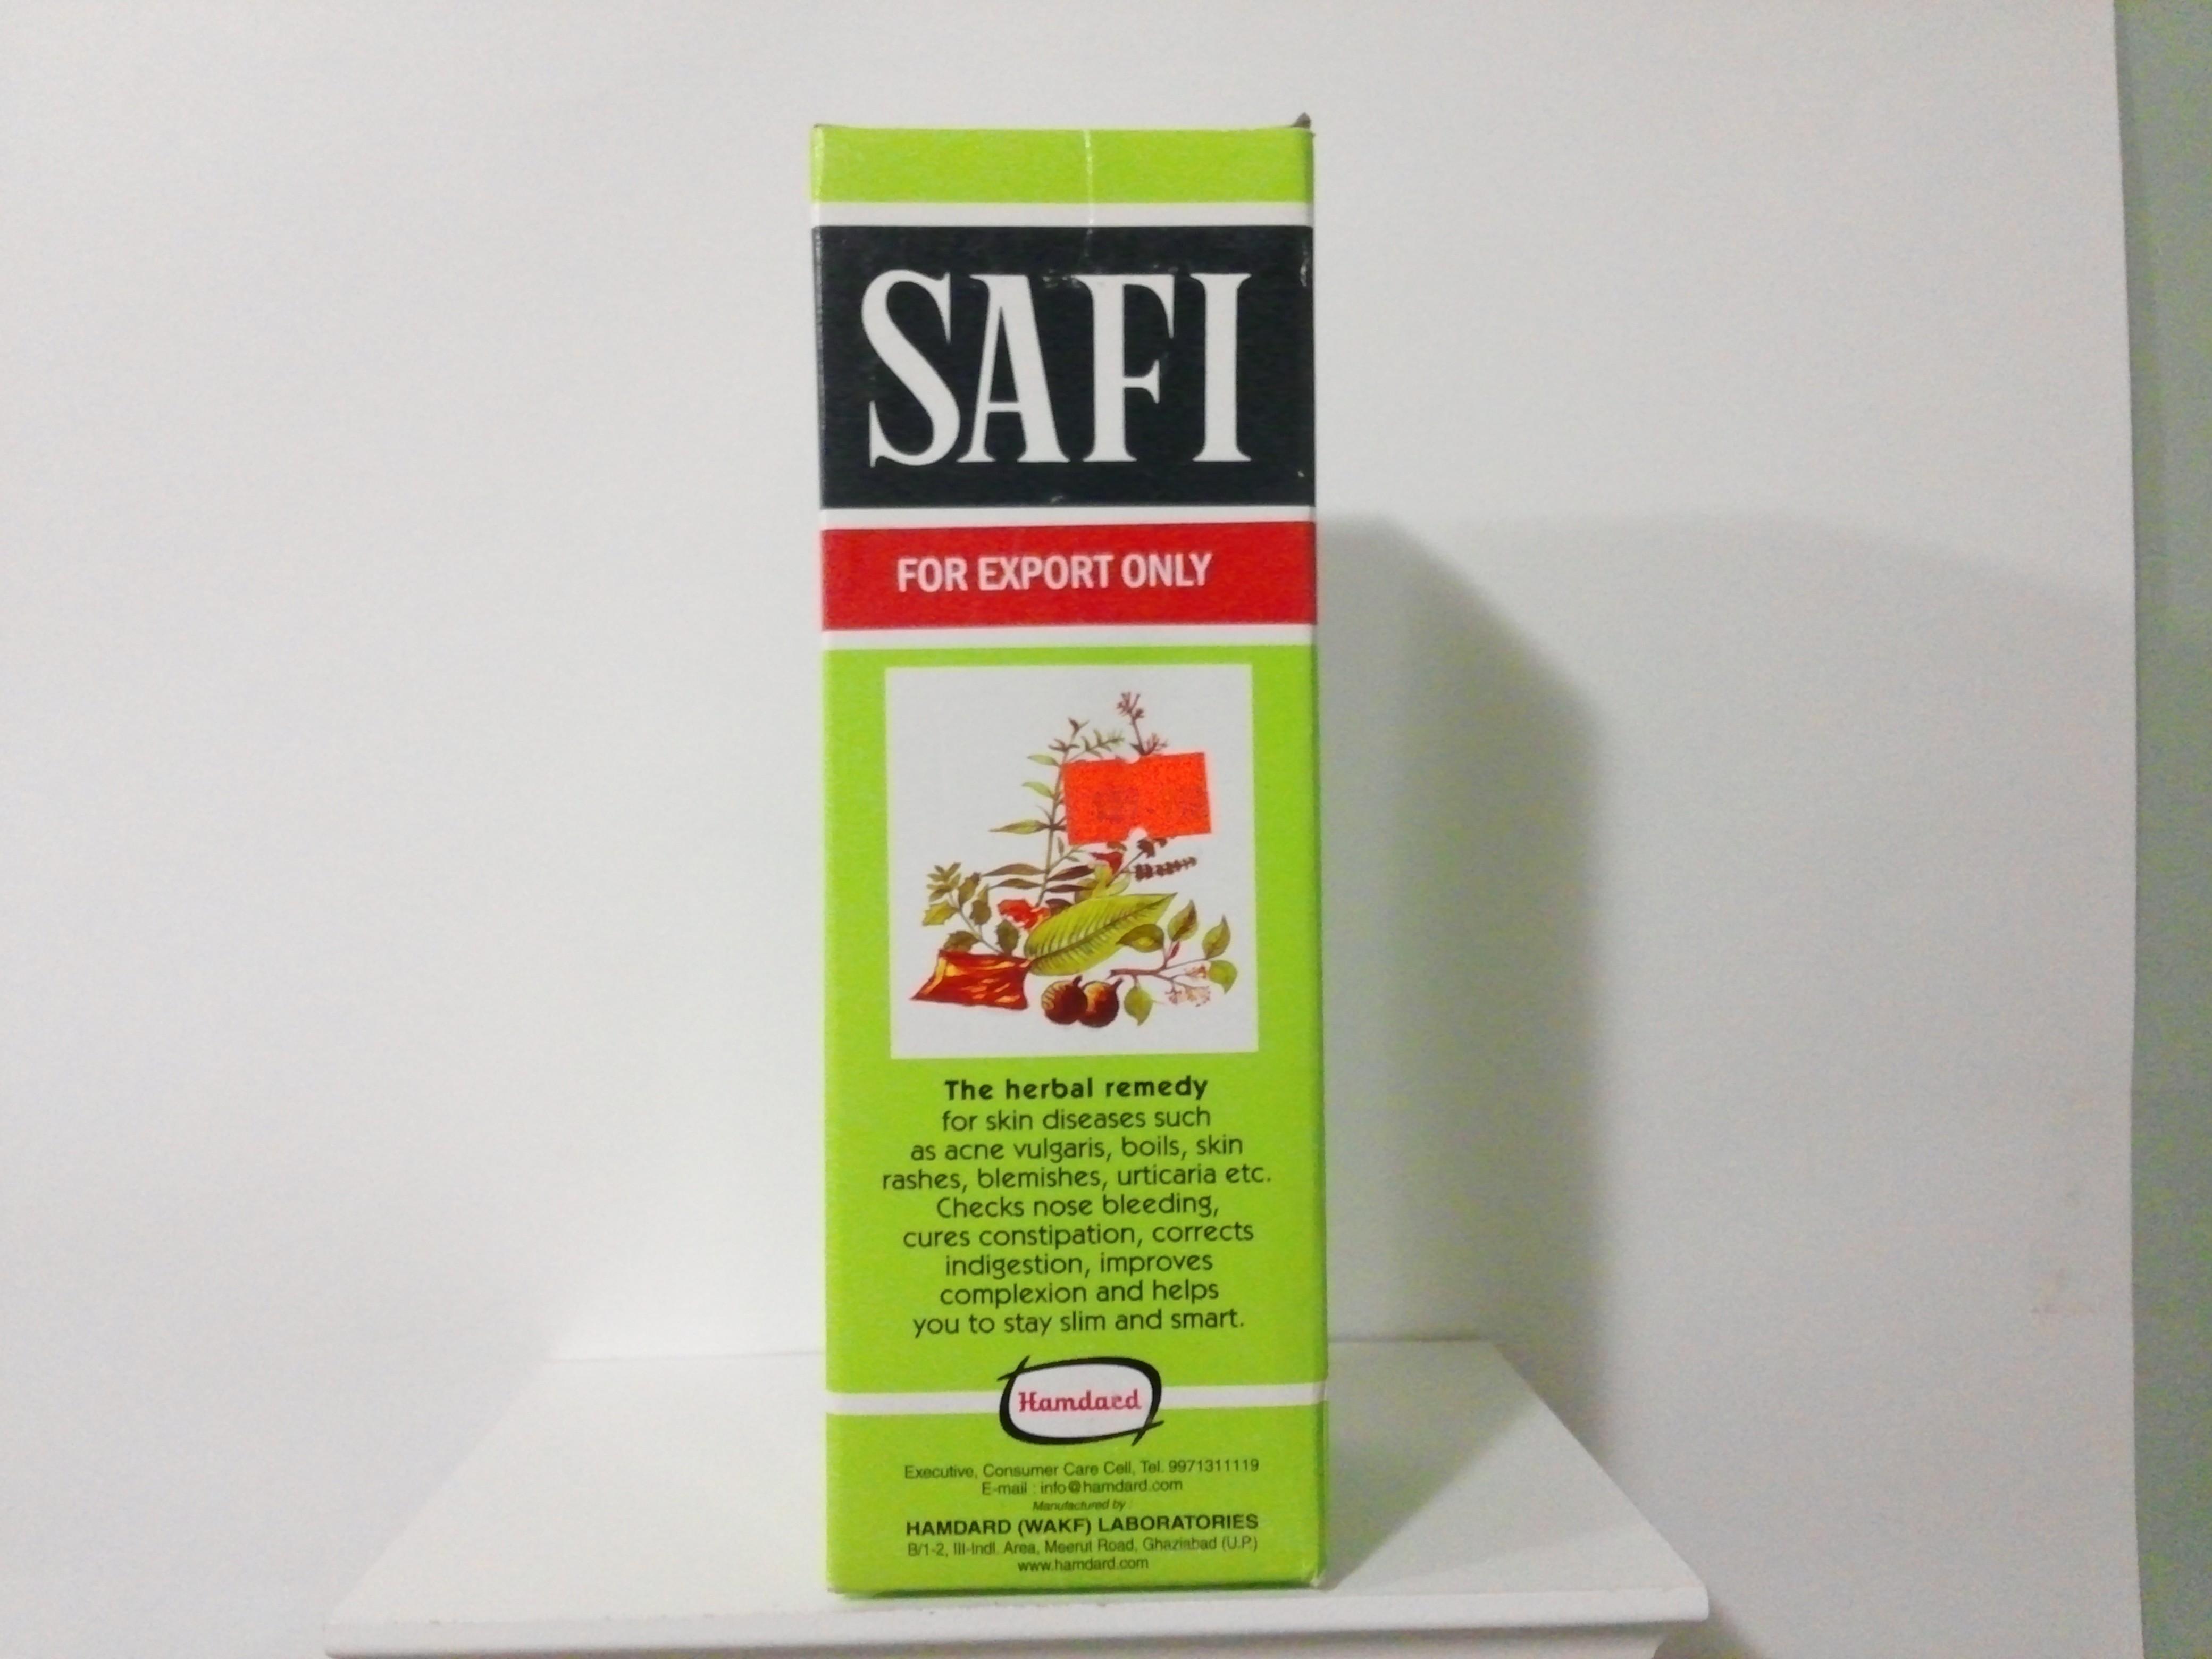 Hamdard's Safi 200 ml